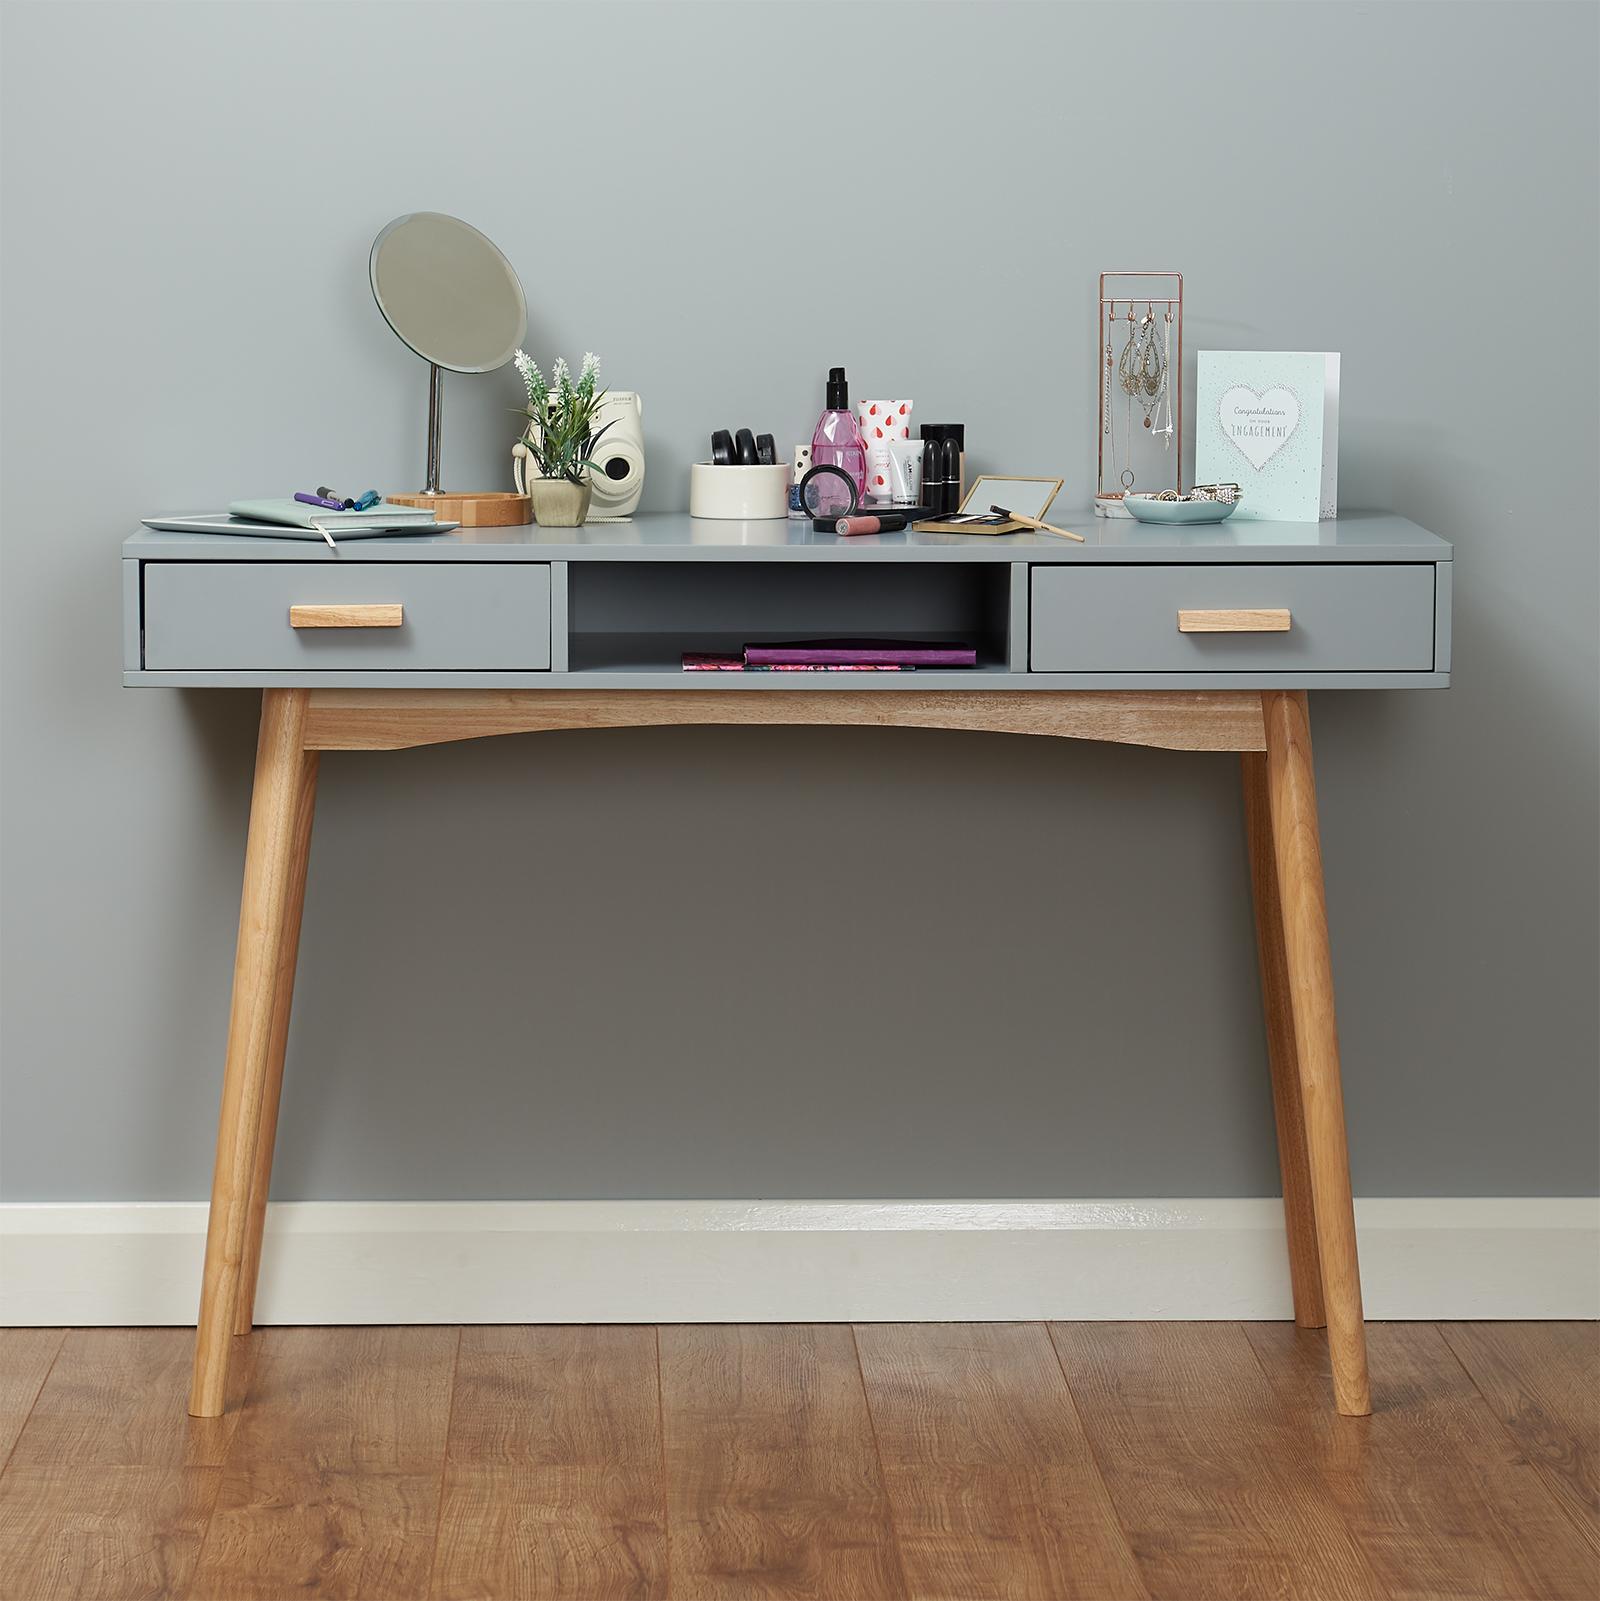 Grey Scandinavian Modern Bedroom Dressing Table Makeup VanityHome Office Desk 5051990941991  eBay